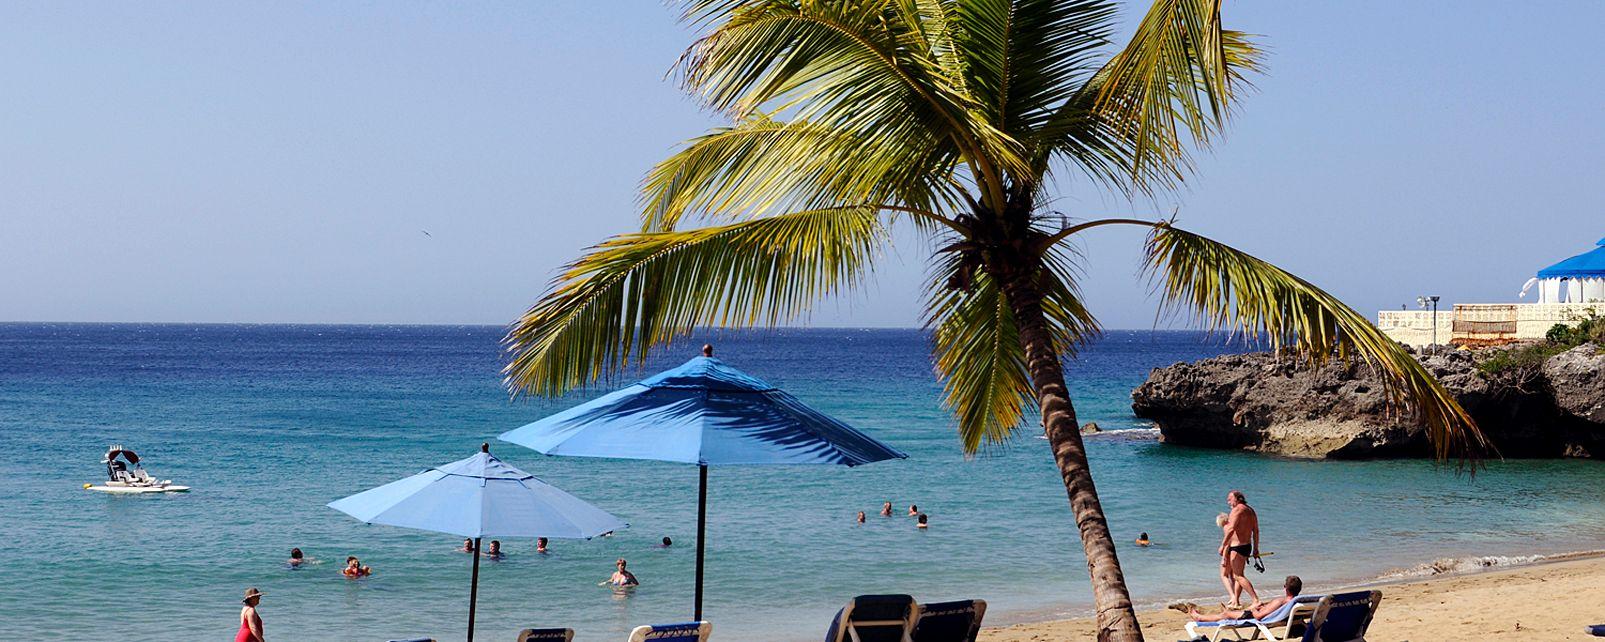 Hôtel Casa Marina Beach Resort